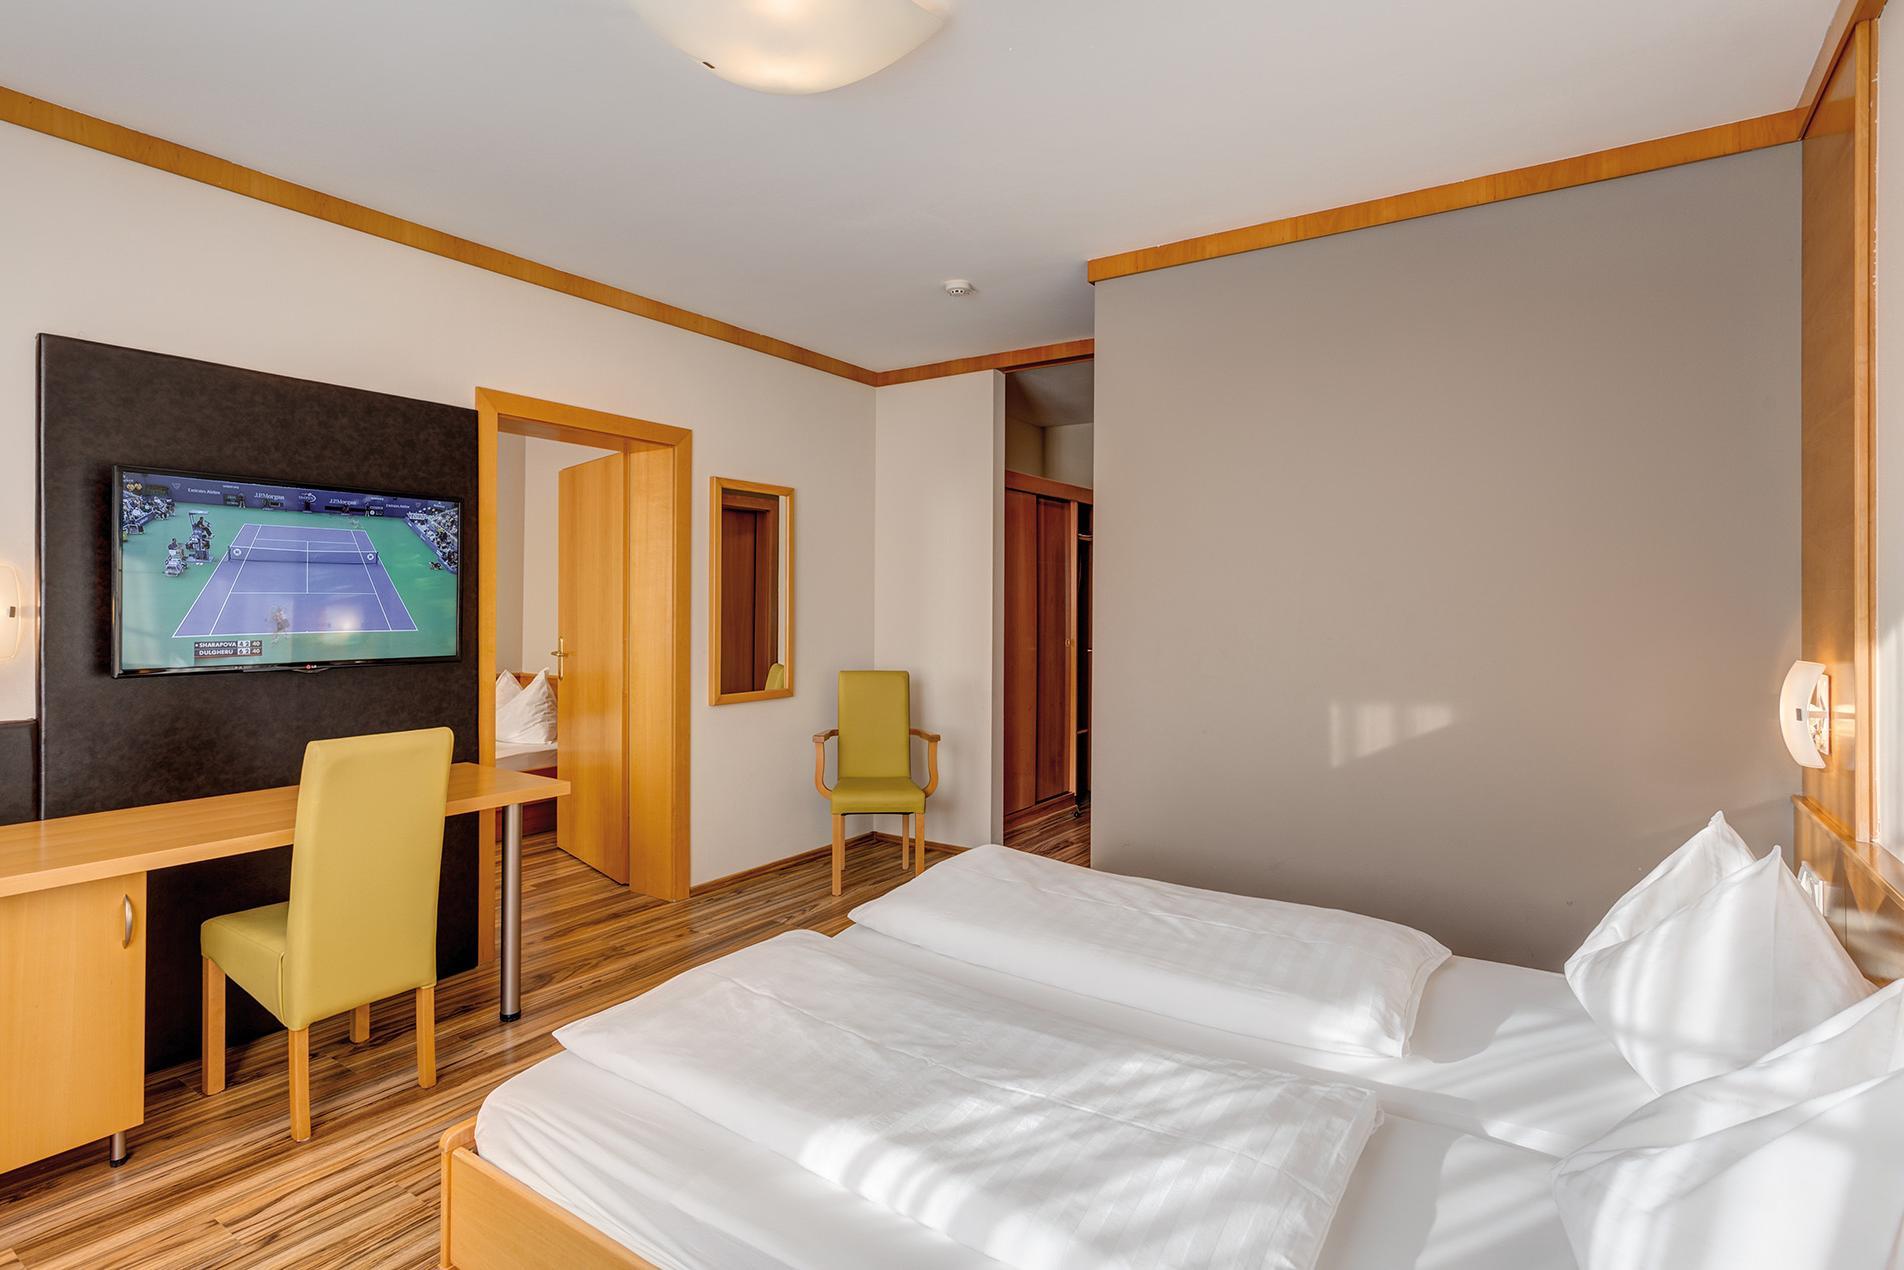 Appartement mit getrennten Schlafzimmern